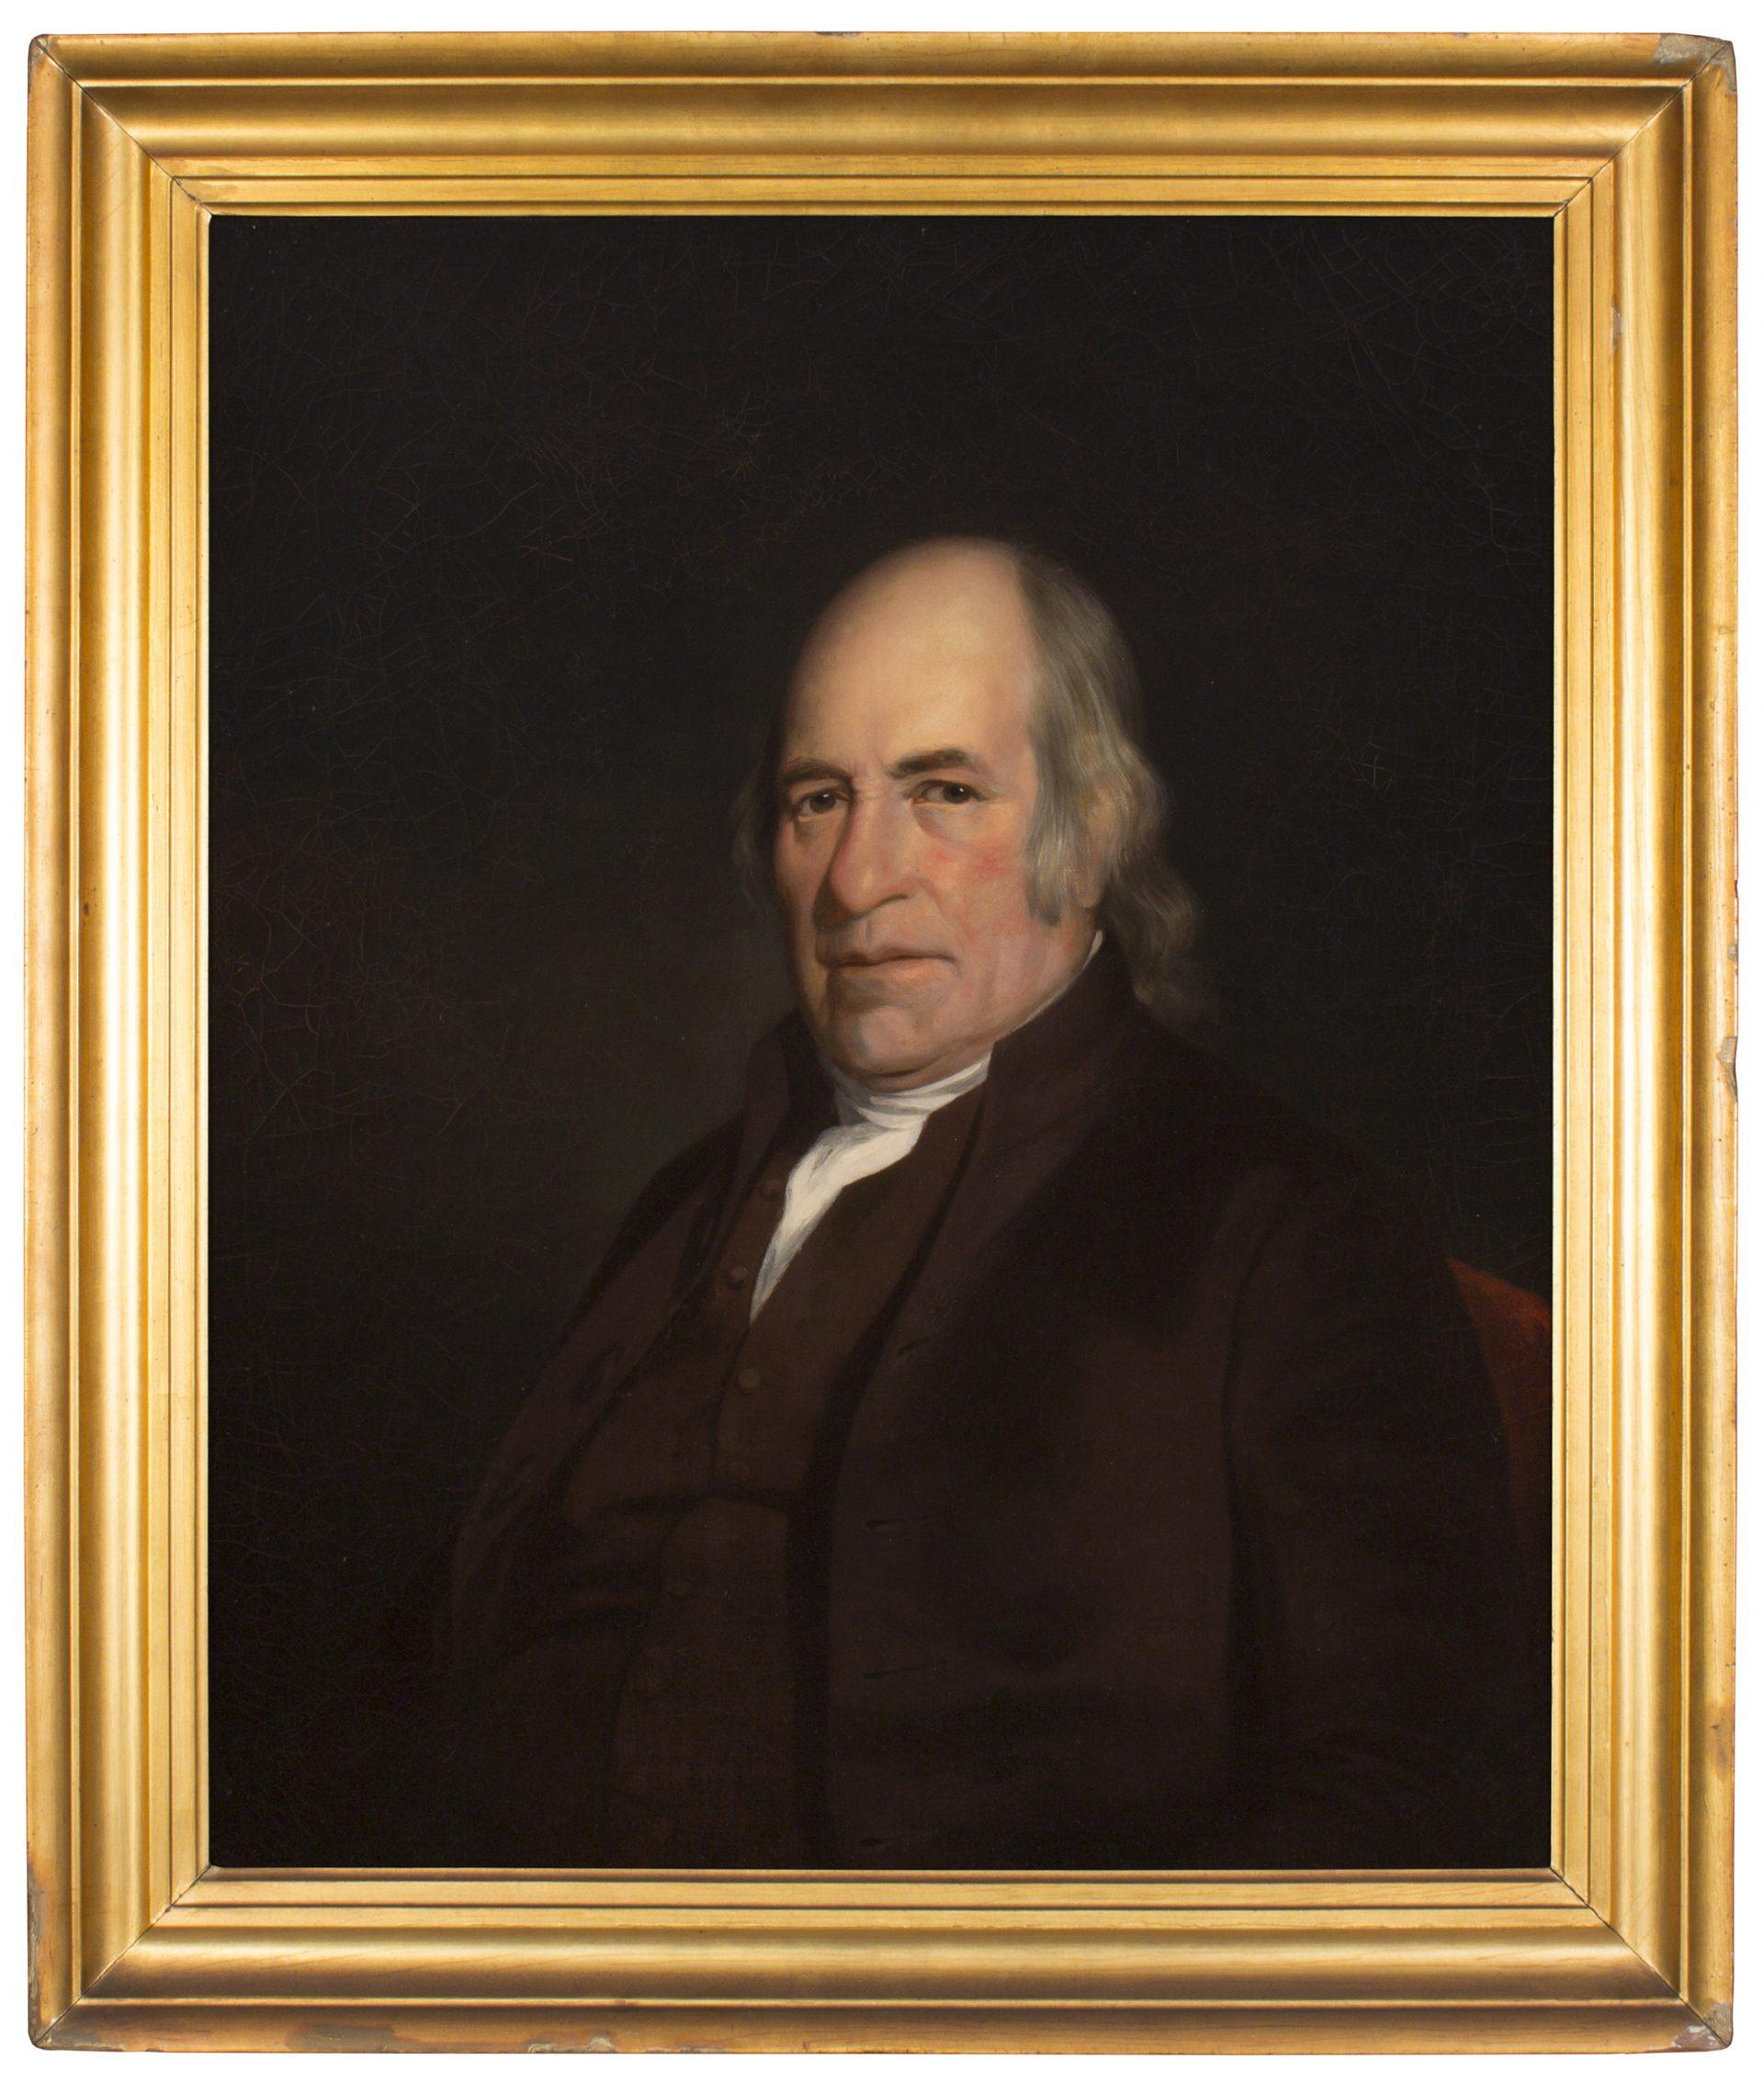 Portrait of John Hall FRAMED (Charles Willson Peale)